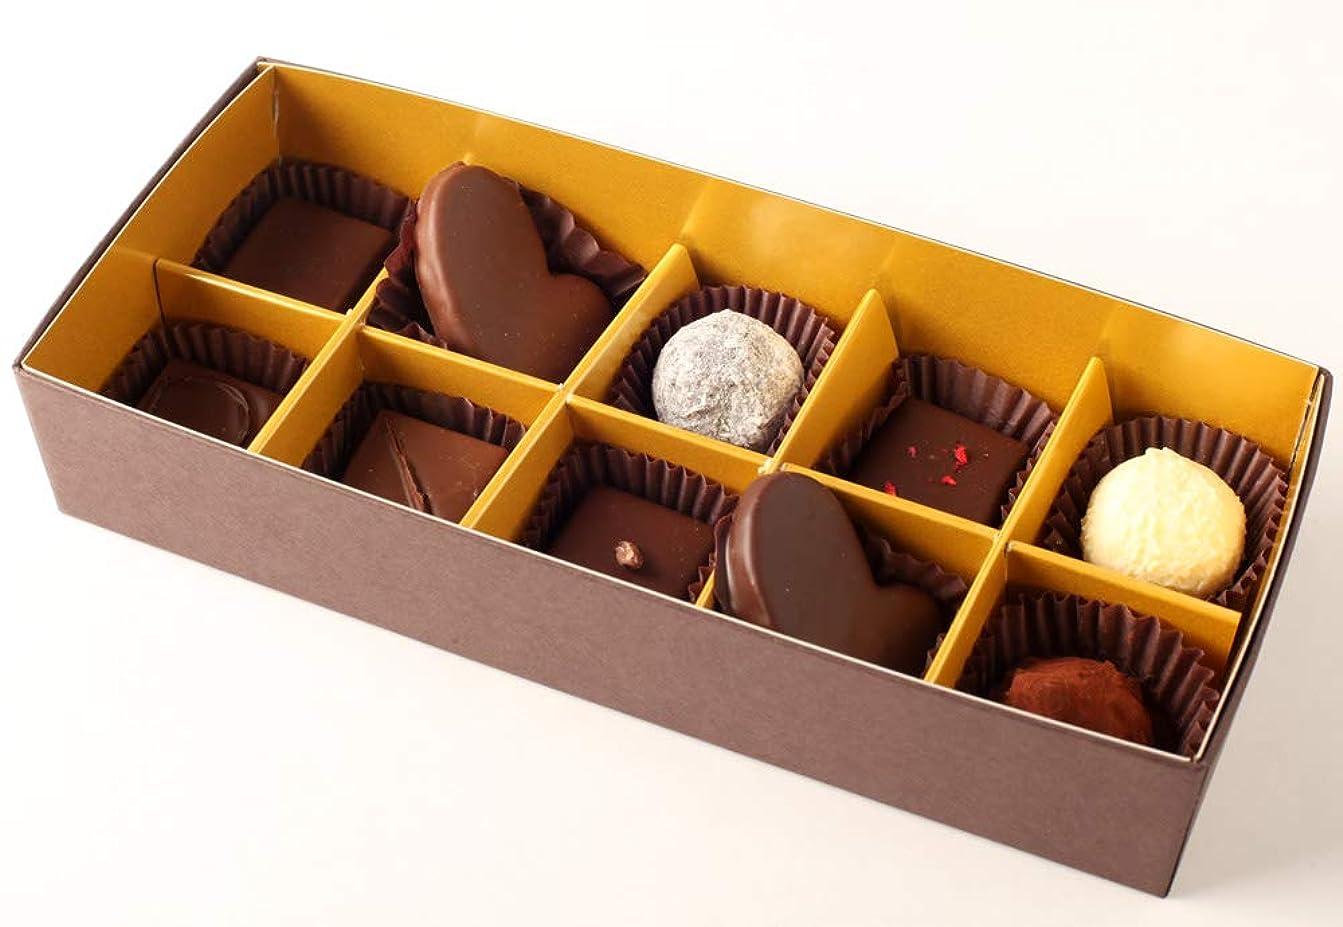 ヒステリックコインランドリー戦うショコラ レシュヴァン チョコレート詰合せ 10ケ入り